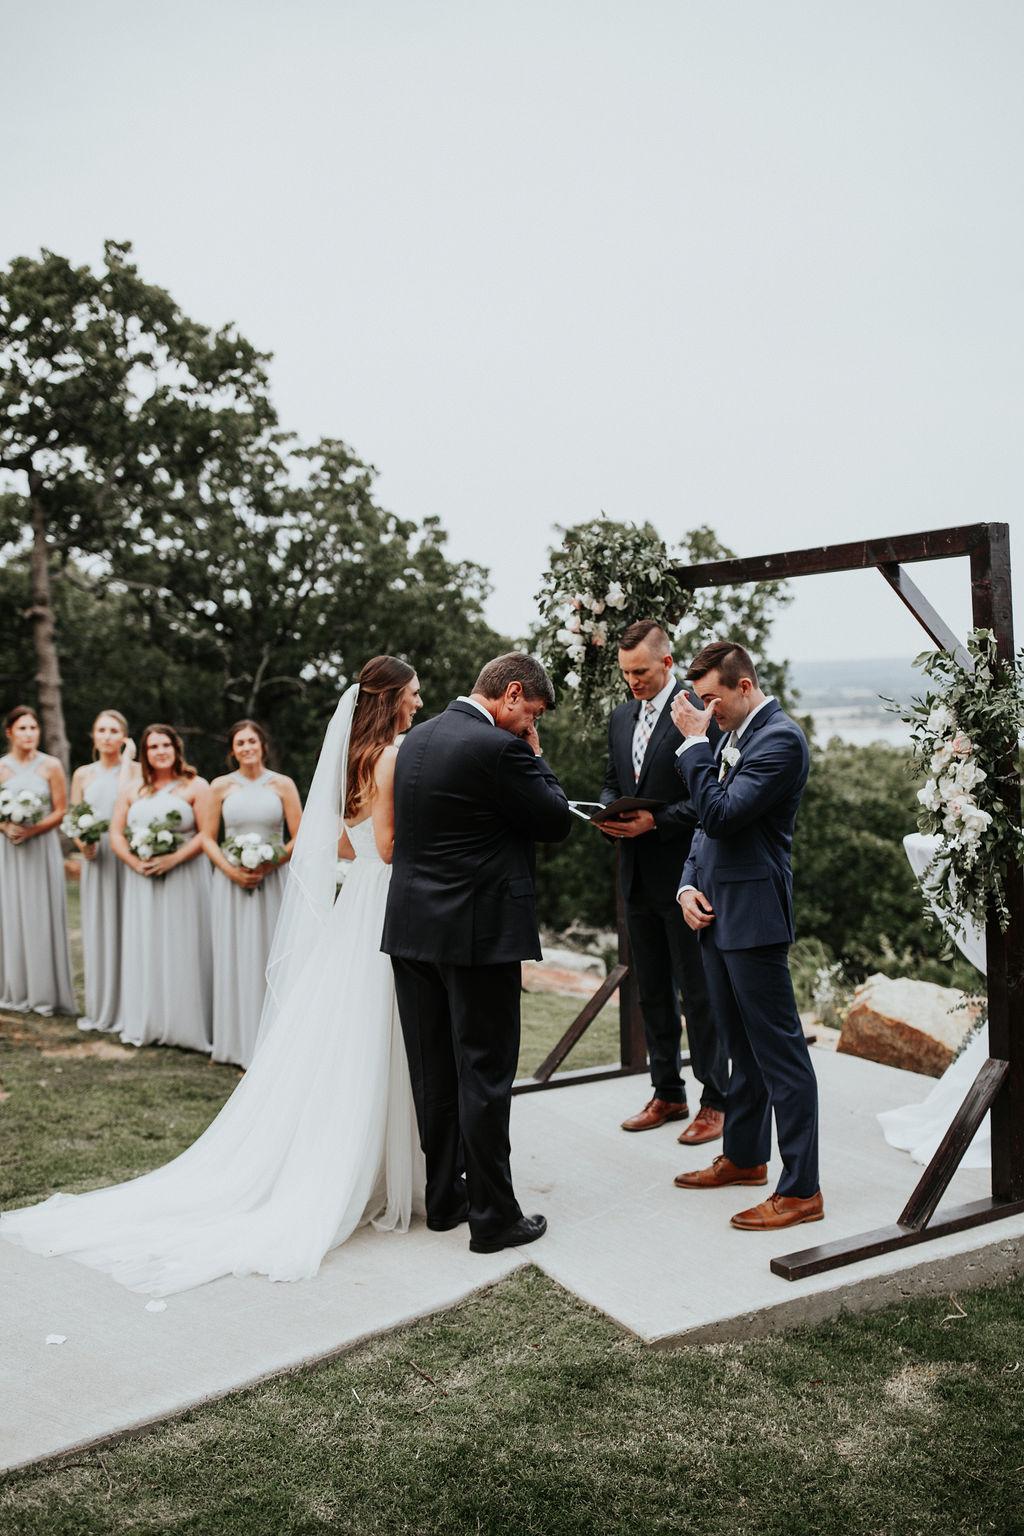 Tulsa Outdoor Wedding Venues 47.jpg